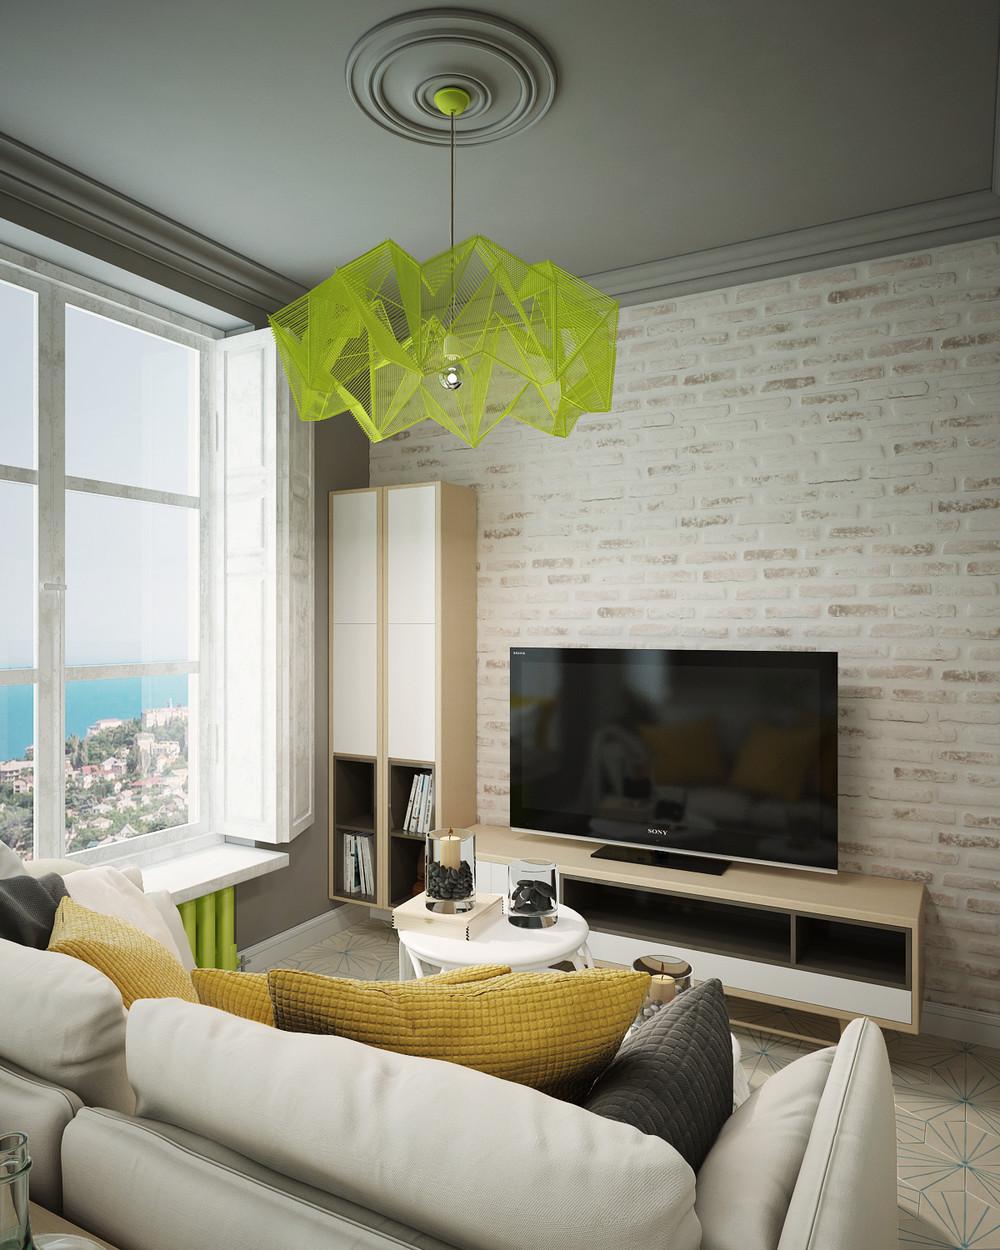 Дизайн квартиры с яркими акцентами - фото 3